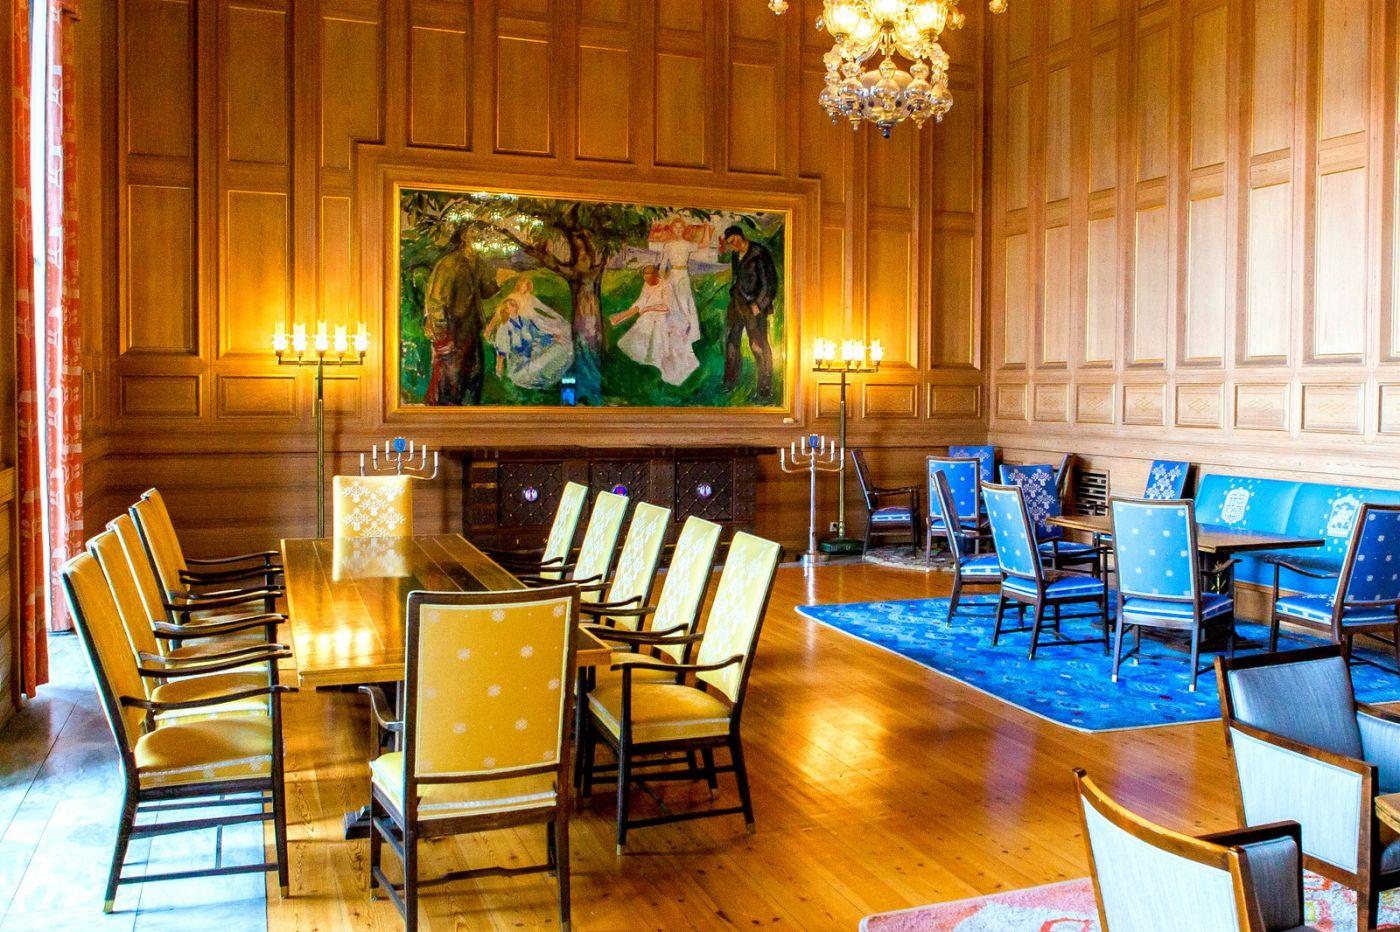 挪威奥塞罗市政厅,在这里办公没脾气_图1-14